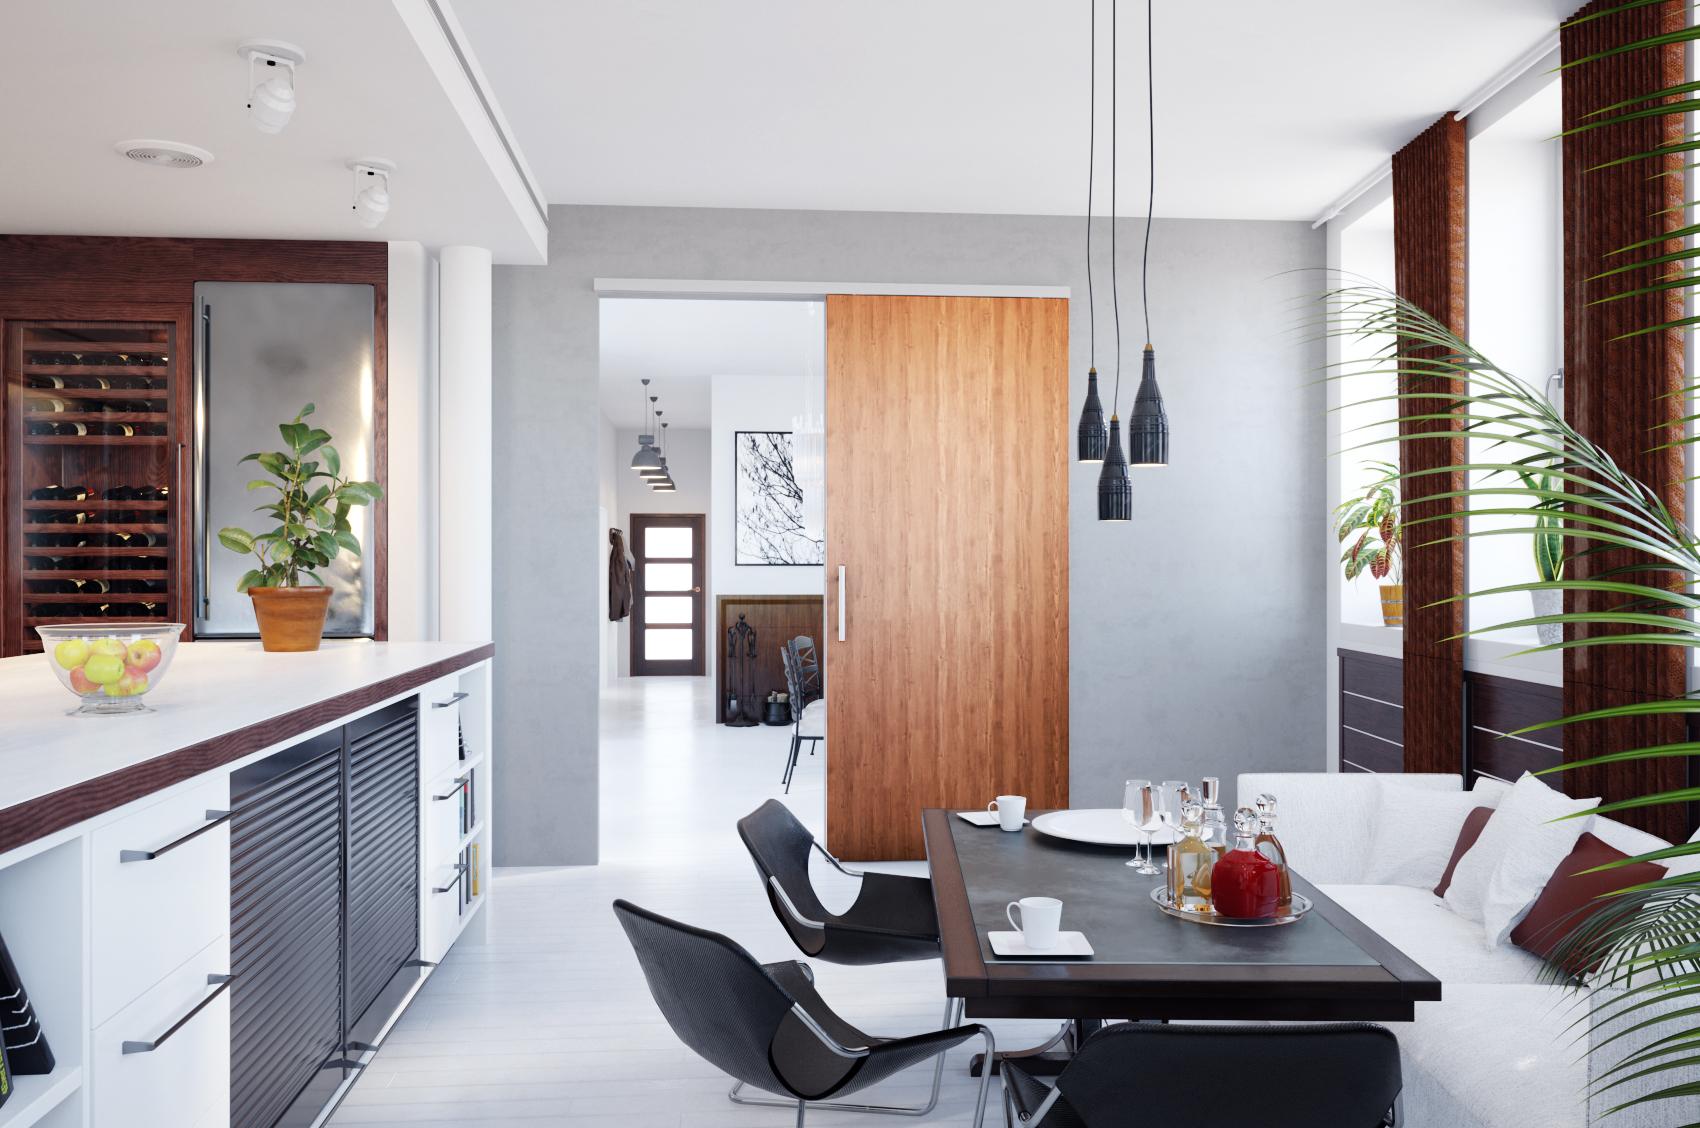 Mantion: Choisissez un système de coulissage pratique et innovant pour vos portes